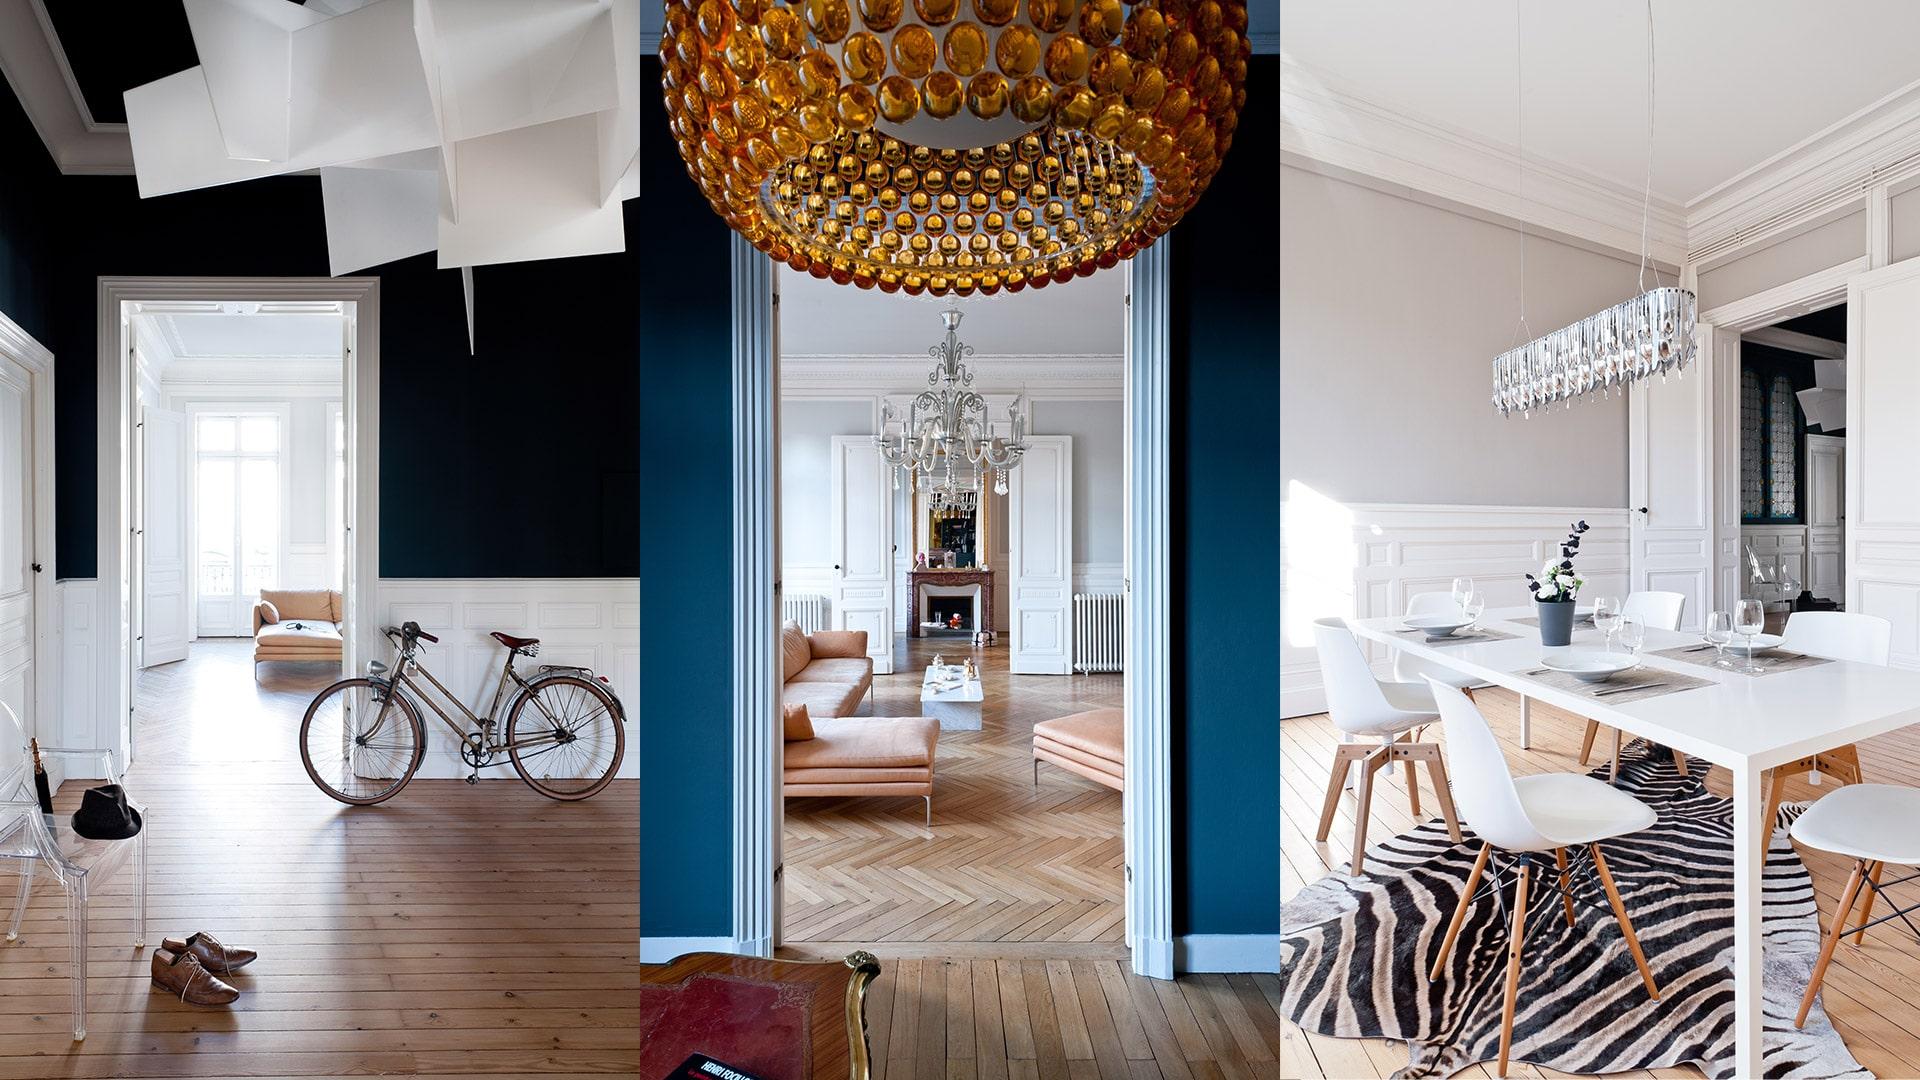 Architecte Interieur Bordeaux architecture interieure pour un appartement haussmannien à